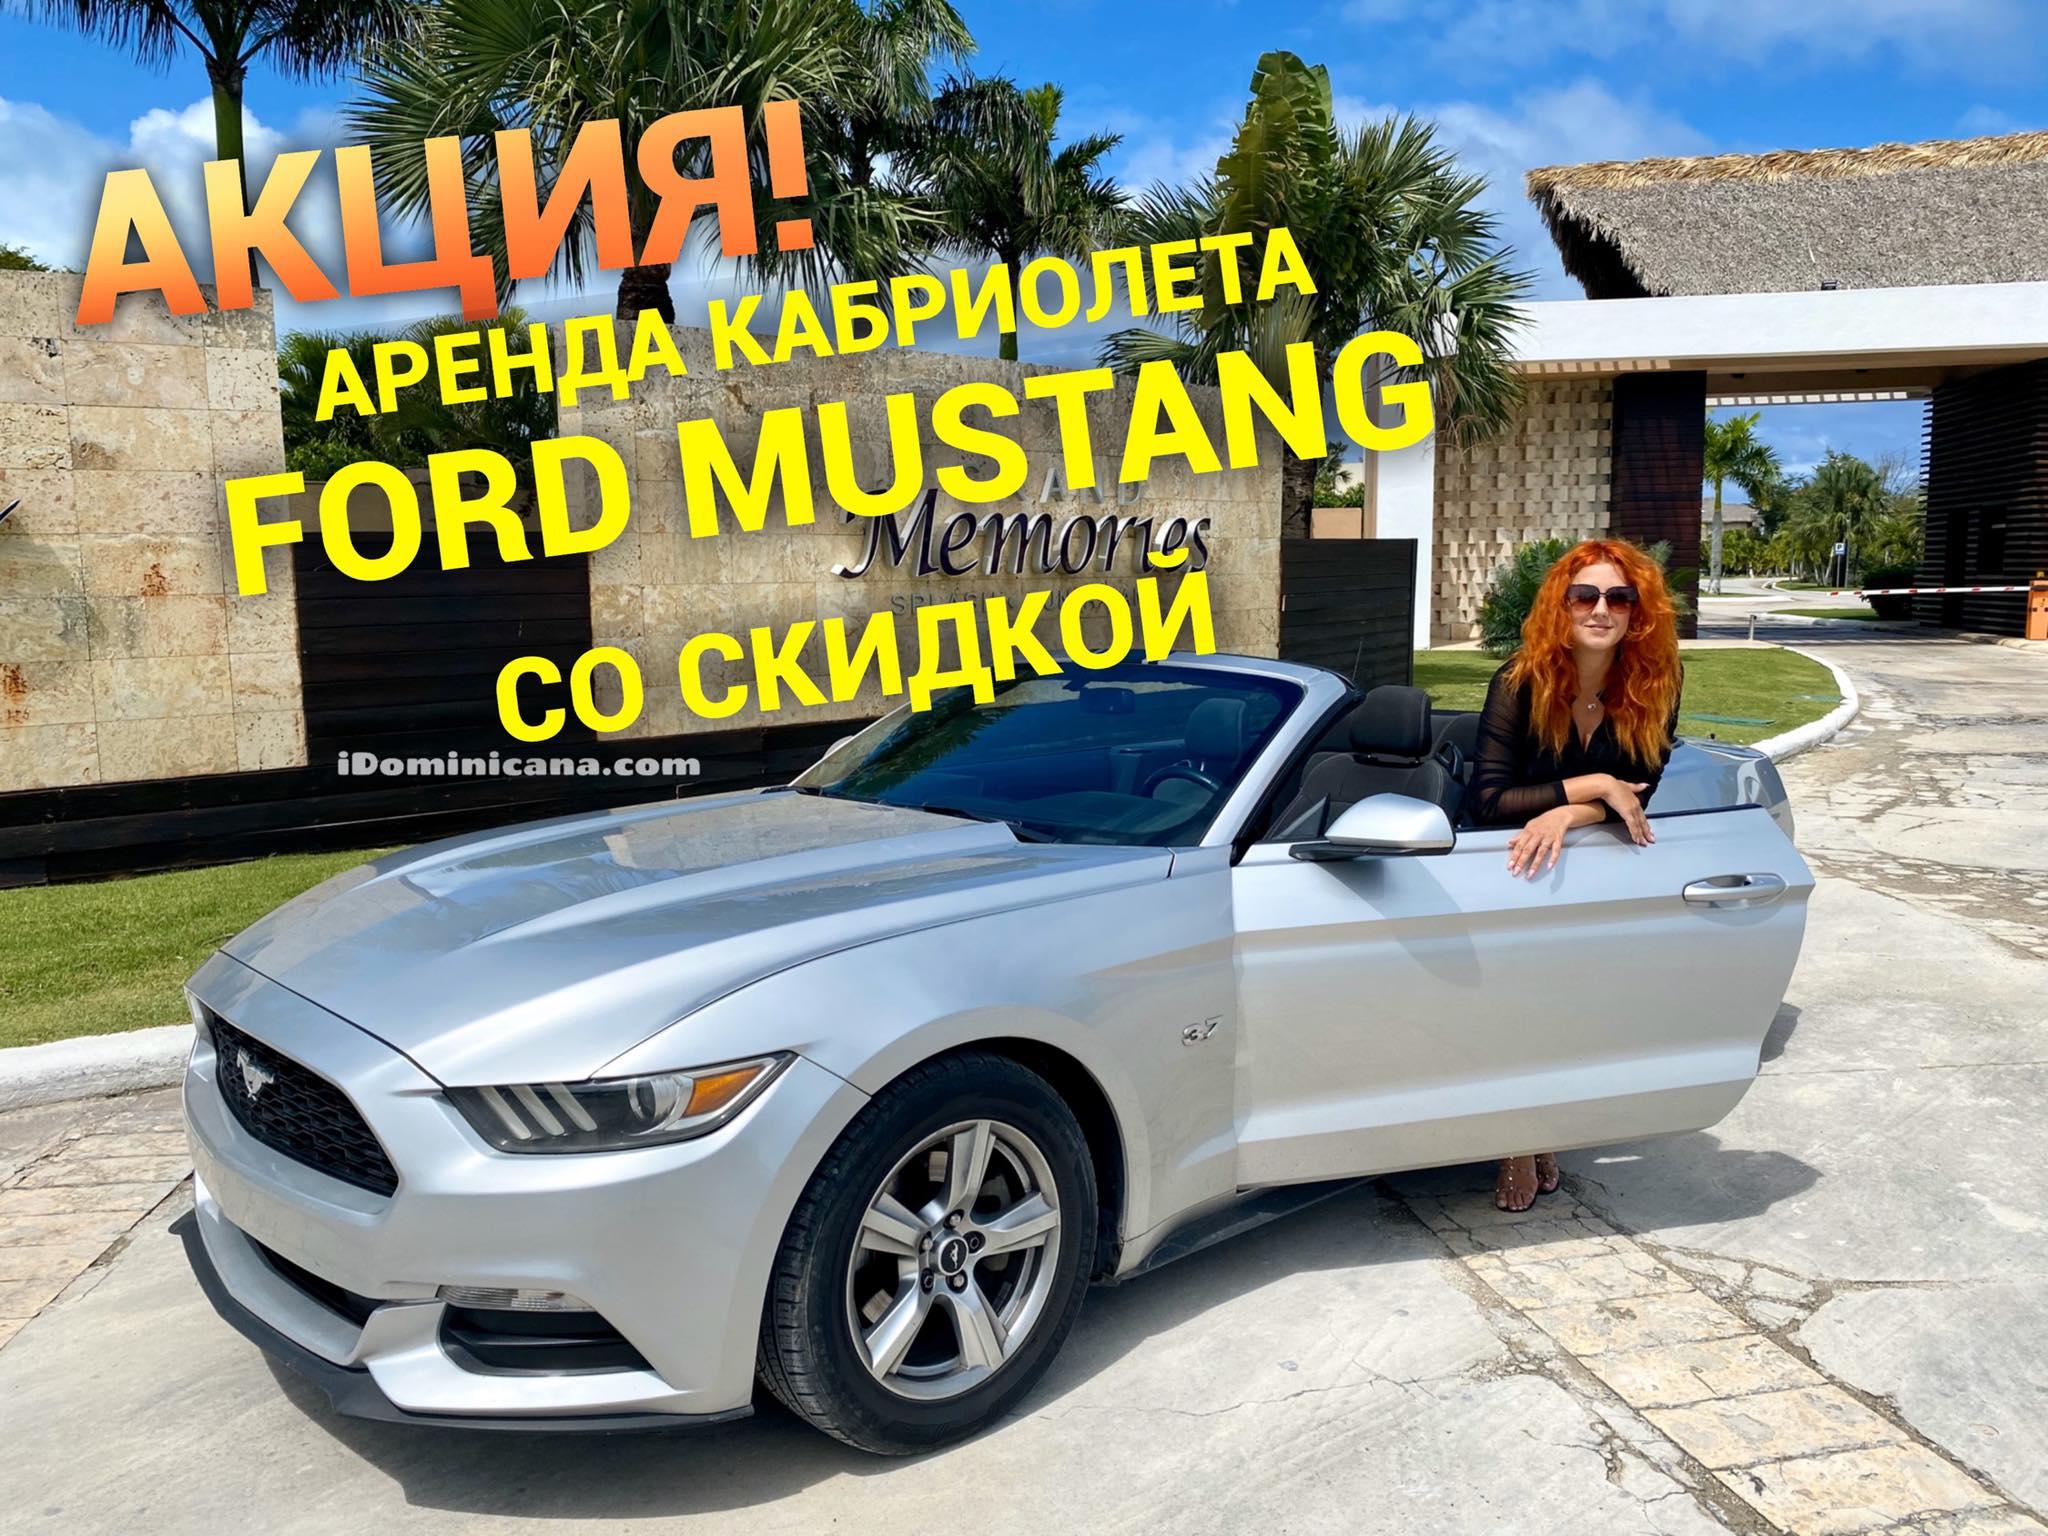 Акция! Кабриолет Форд Мустанг в Доминикане с экономией $55